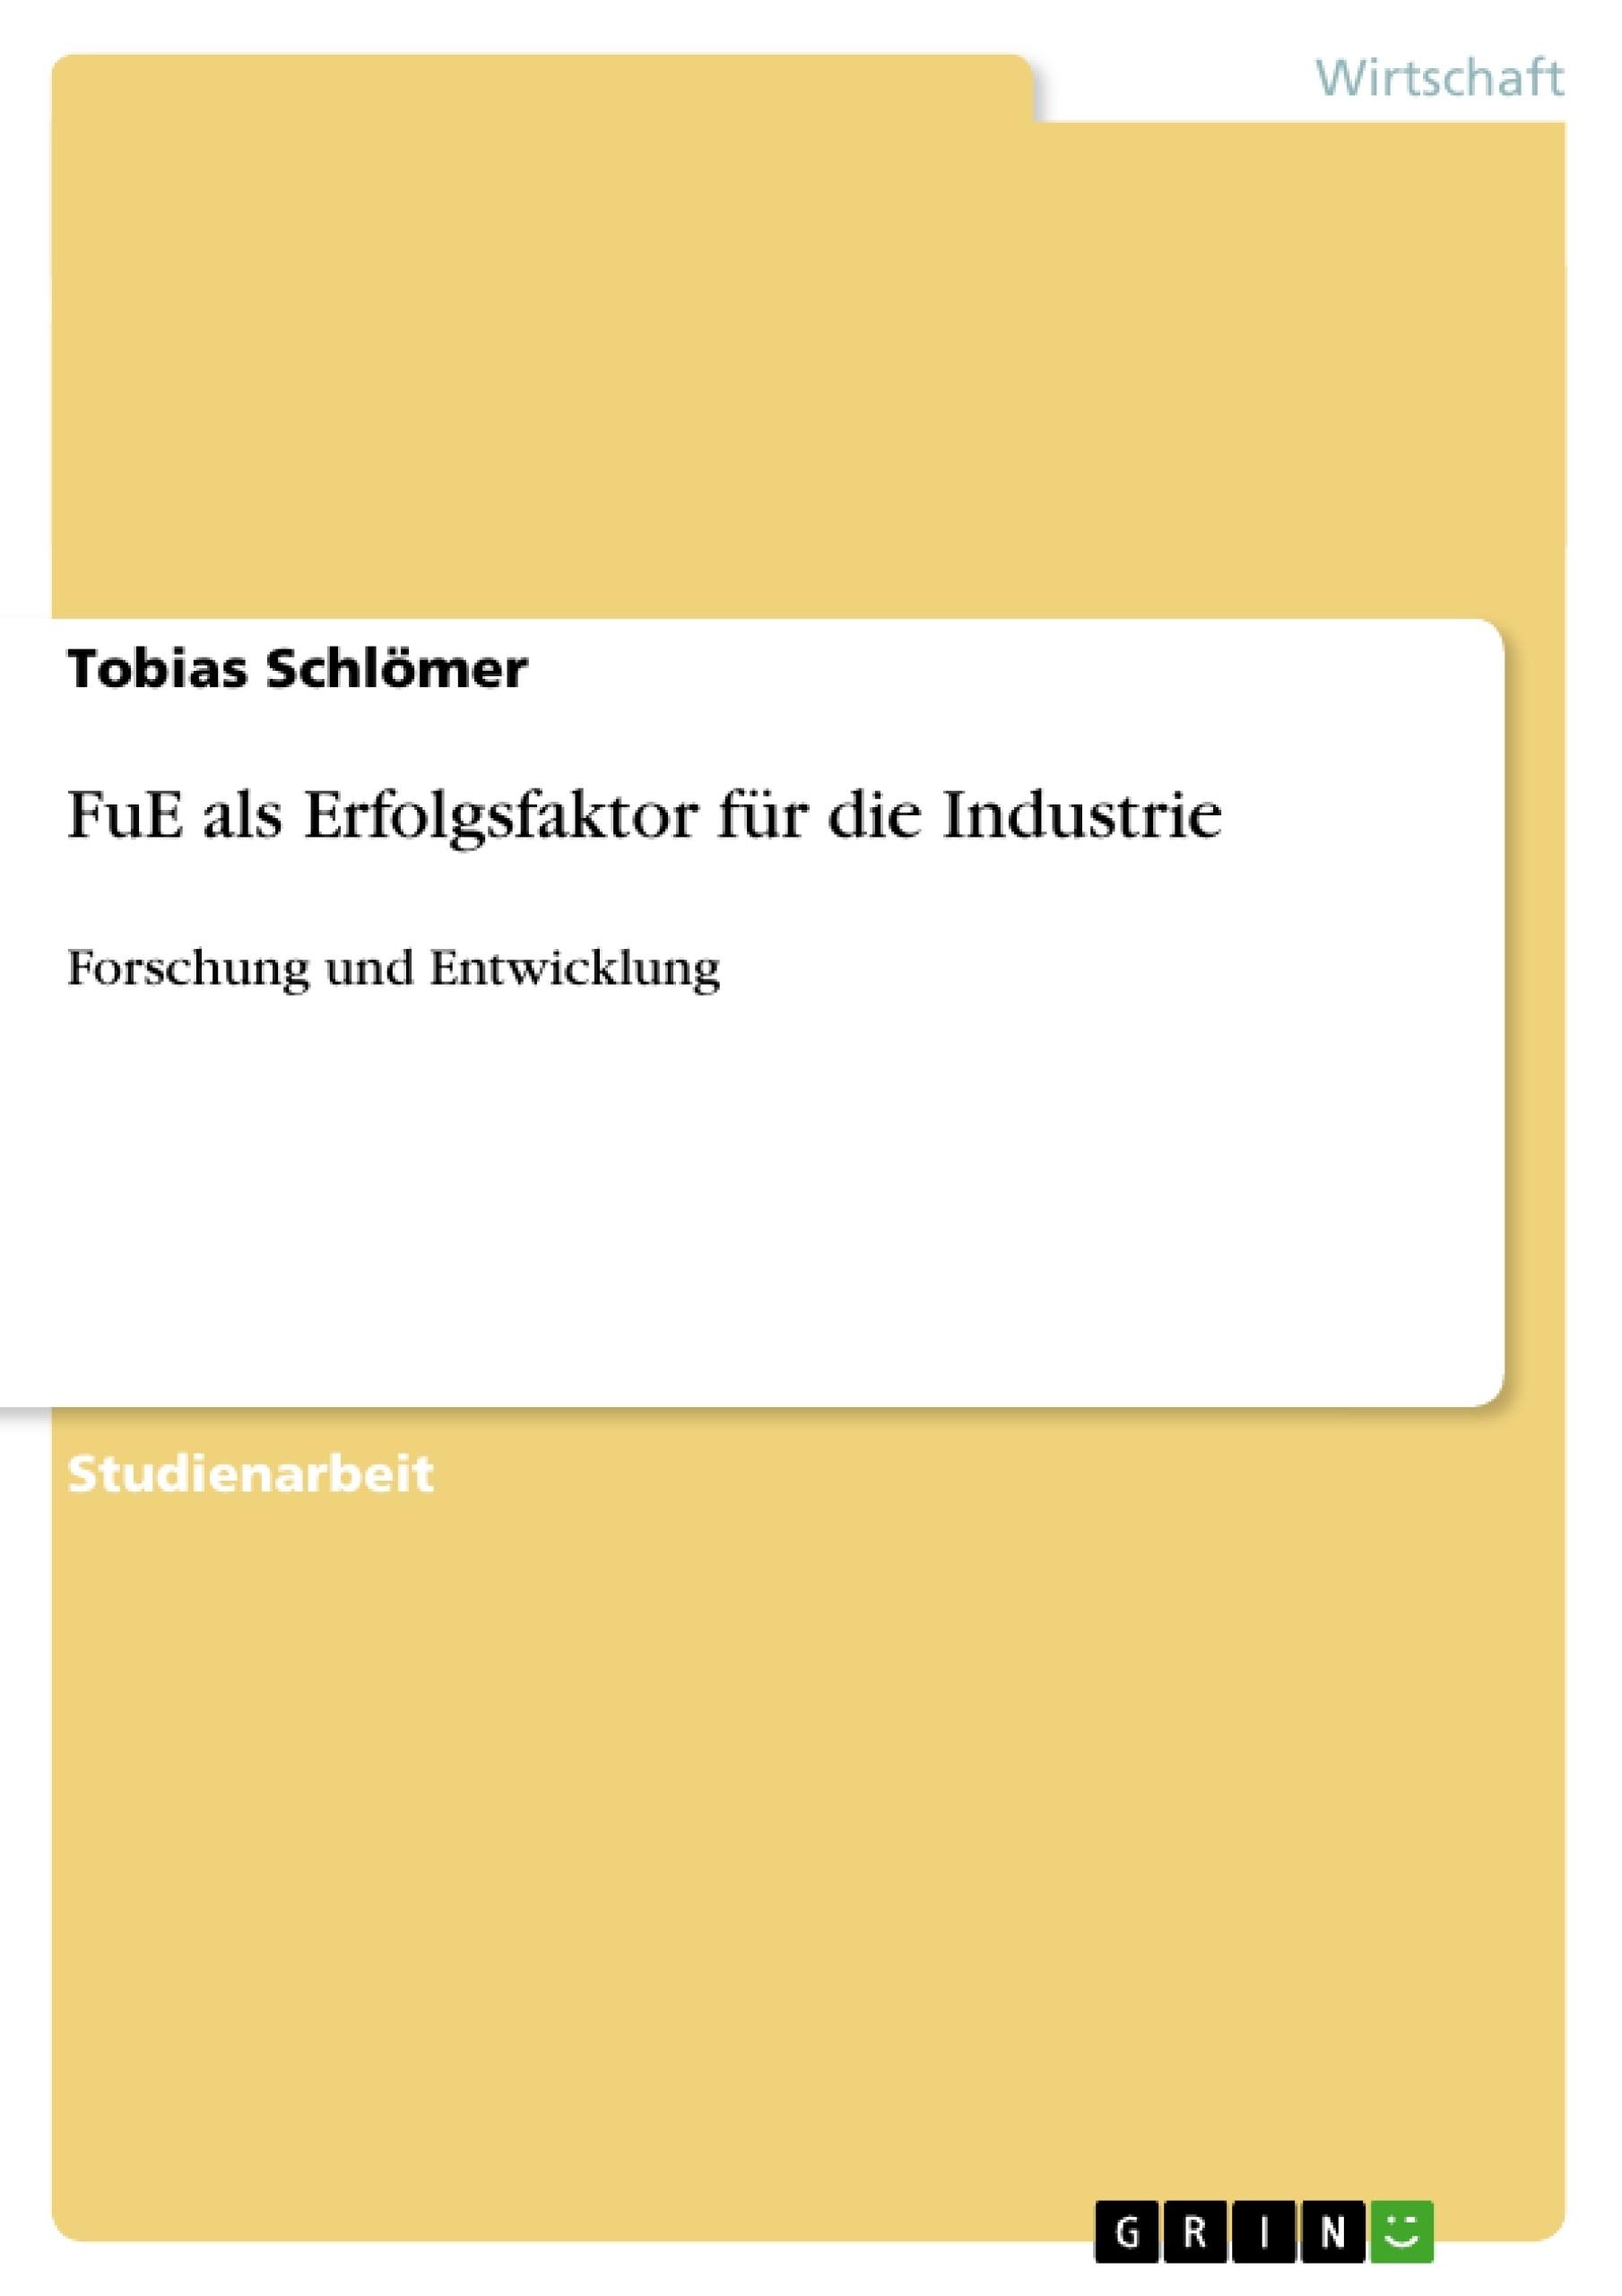 Titel: FuE als Erfolgsfaktor für die Industrie